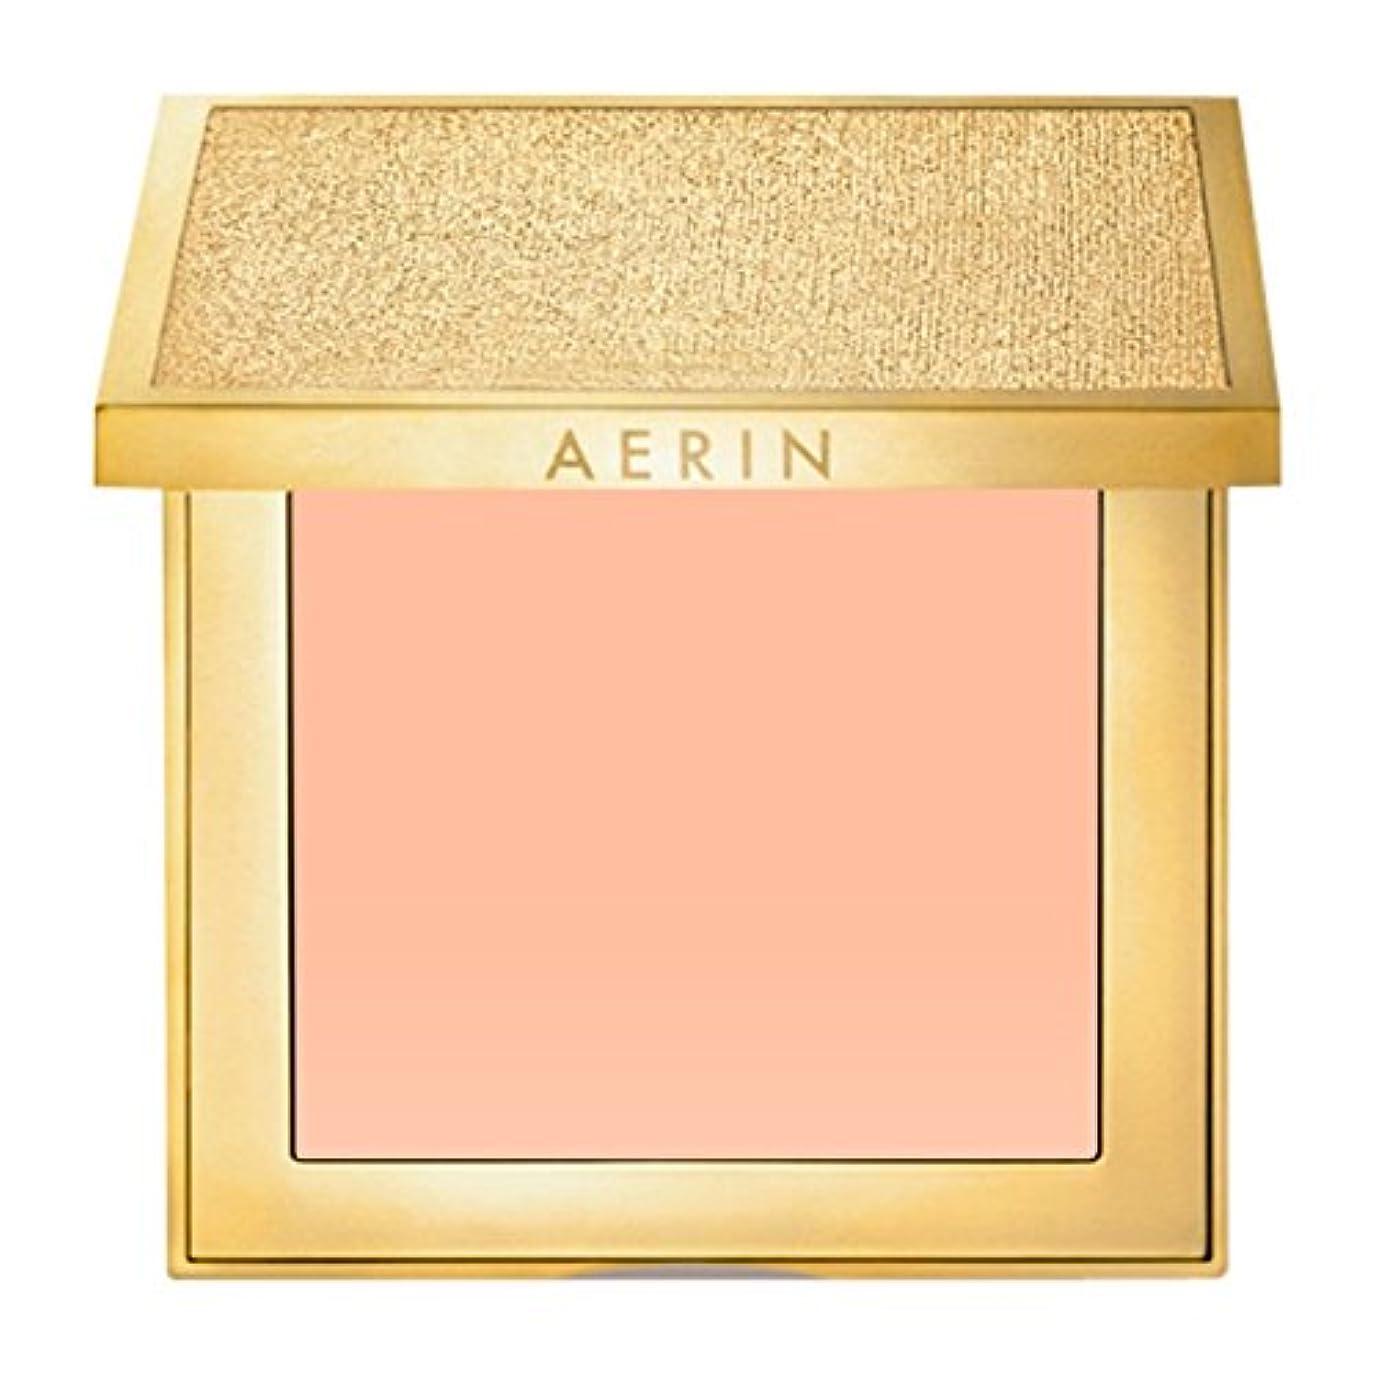 流和マザーランドAerin新鮮な肌コンパクトメイクアップレベル3 (AERIN) - AERIN Fresh Skin Compact Makeup Level 3 [並行輸入品]